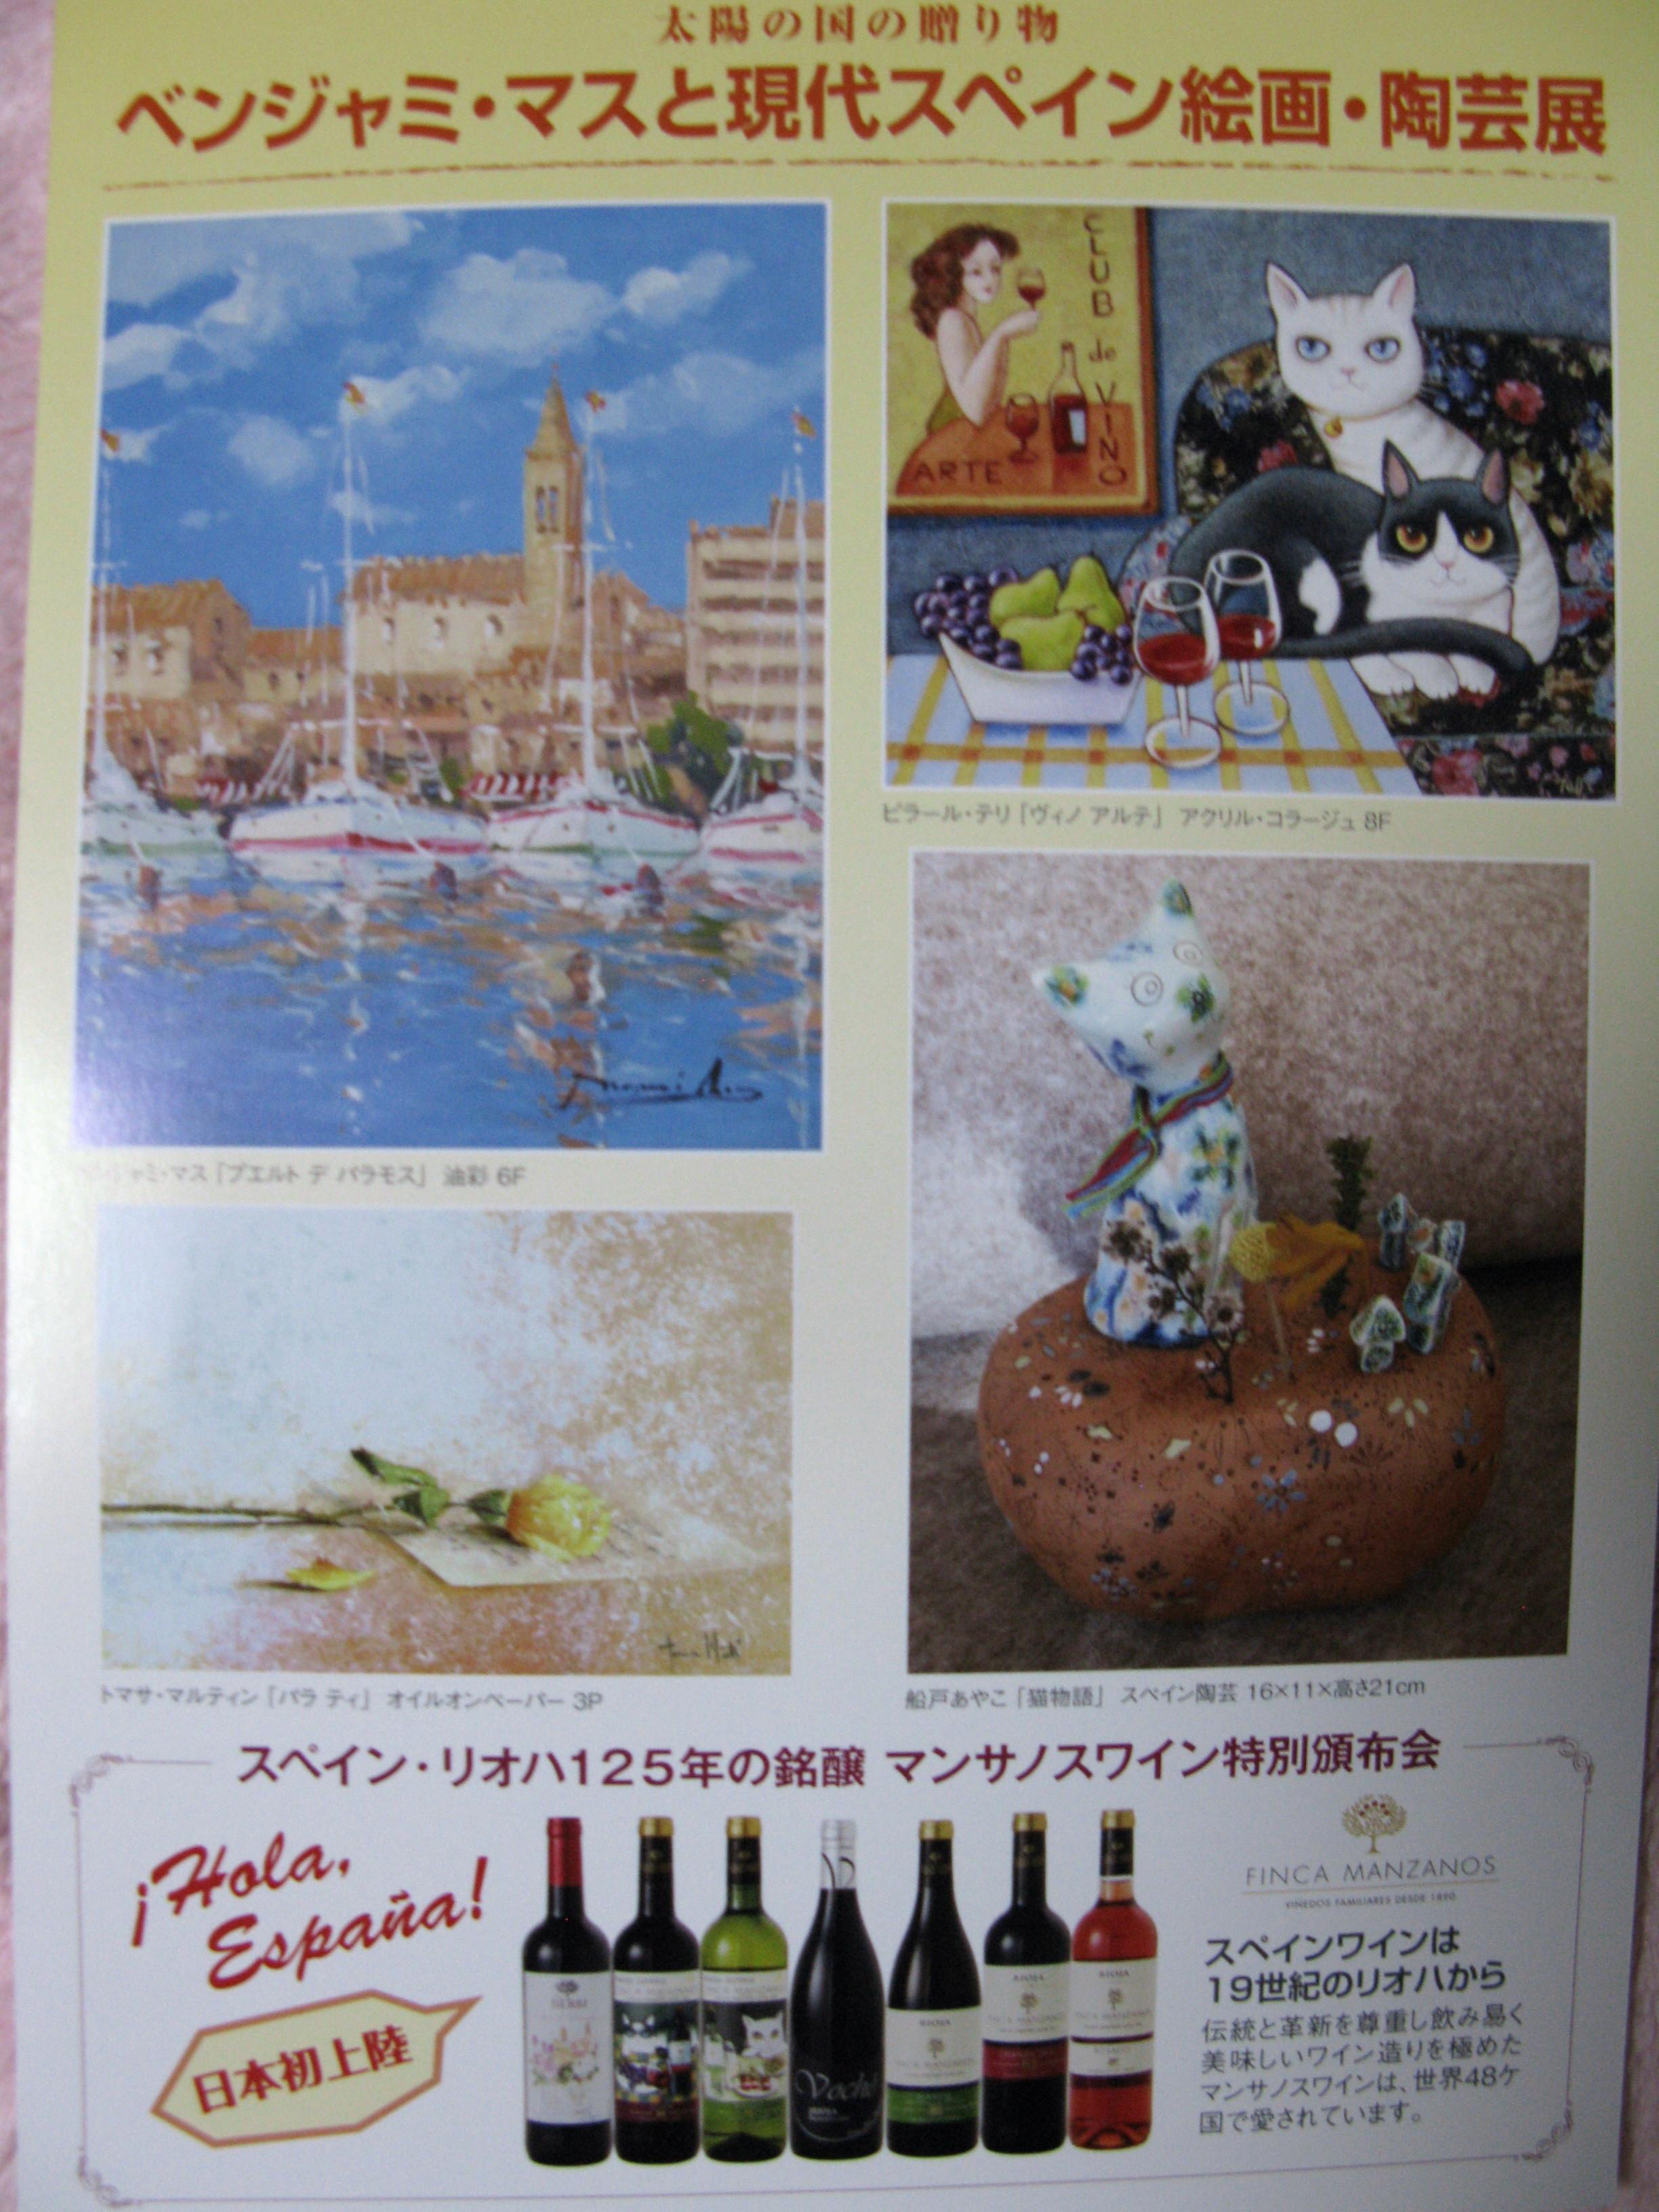 ayakosennsei_201507111925.jpg